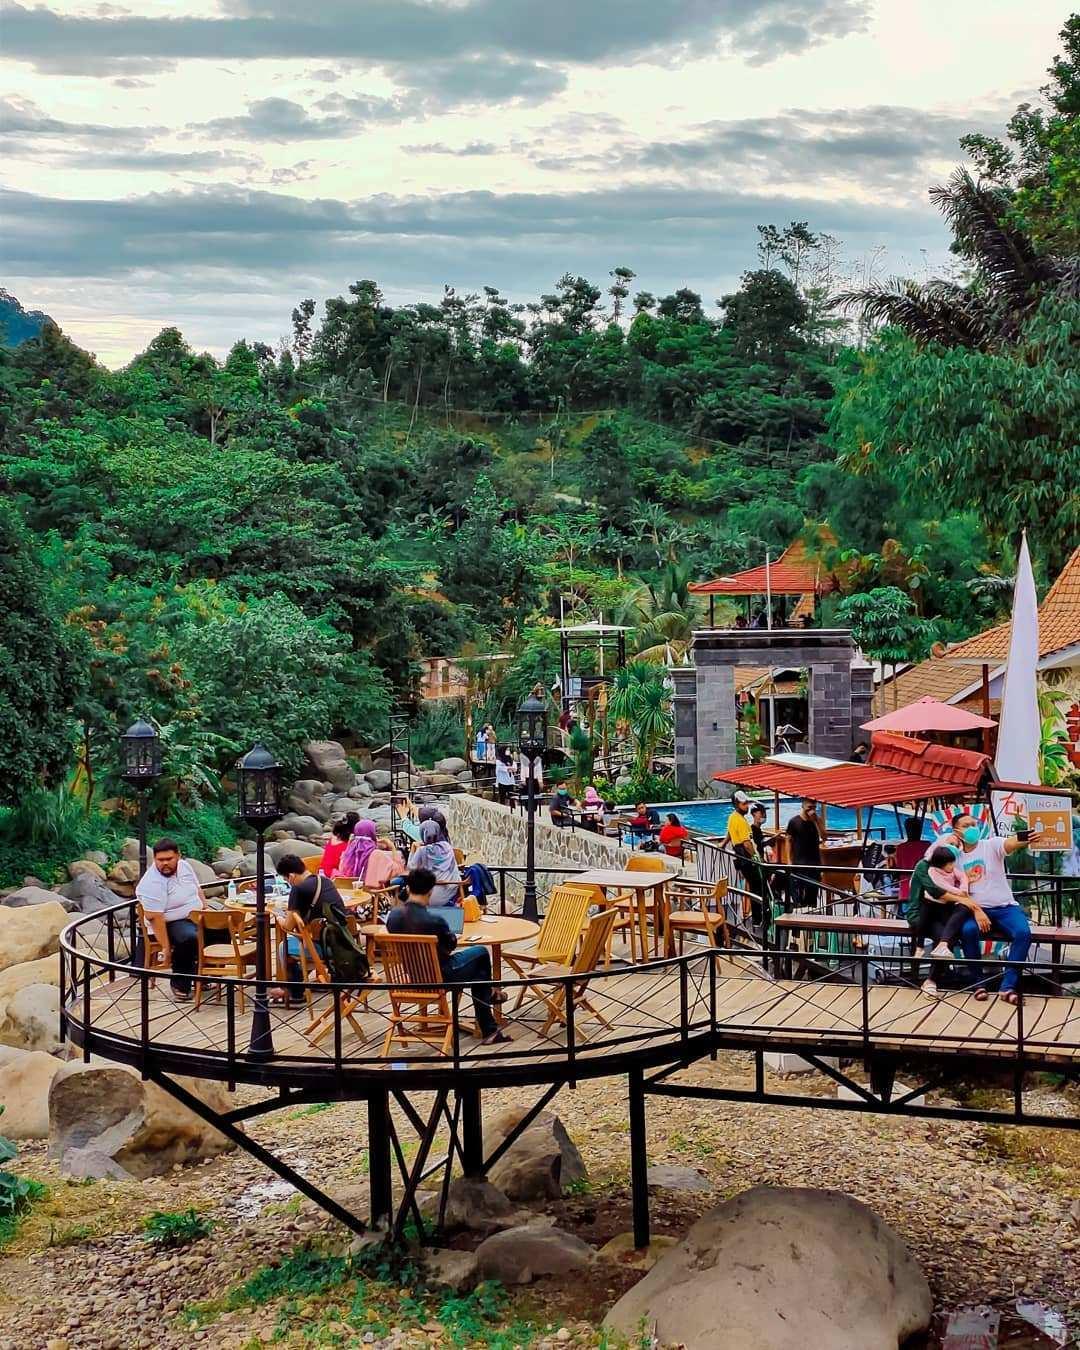 Suasana Pengunjung di Pendopo Ciherang Bogor Image From @hadiwibowooo